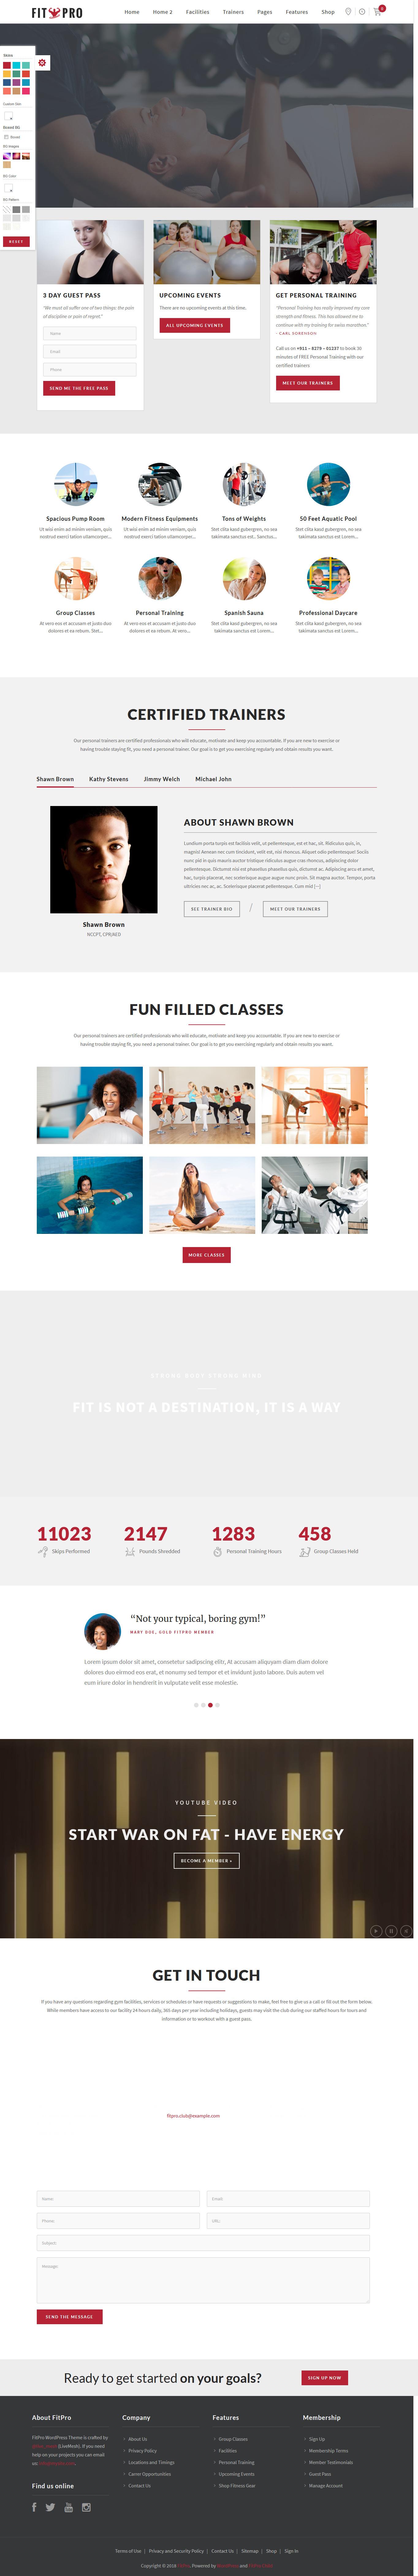 fitpro best premium sports wordpress theme - 10+ Best Premium Sports WordPress Themes